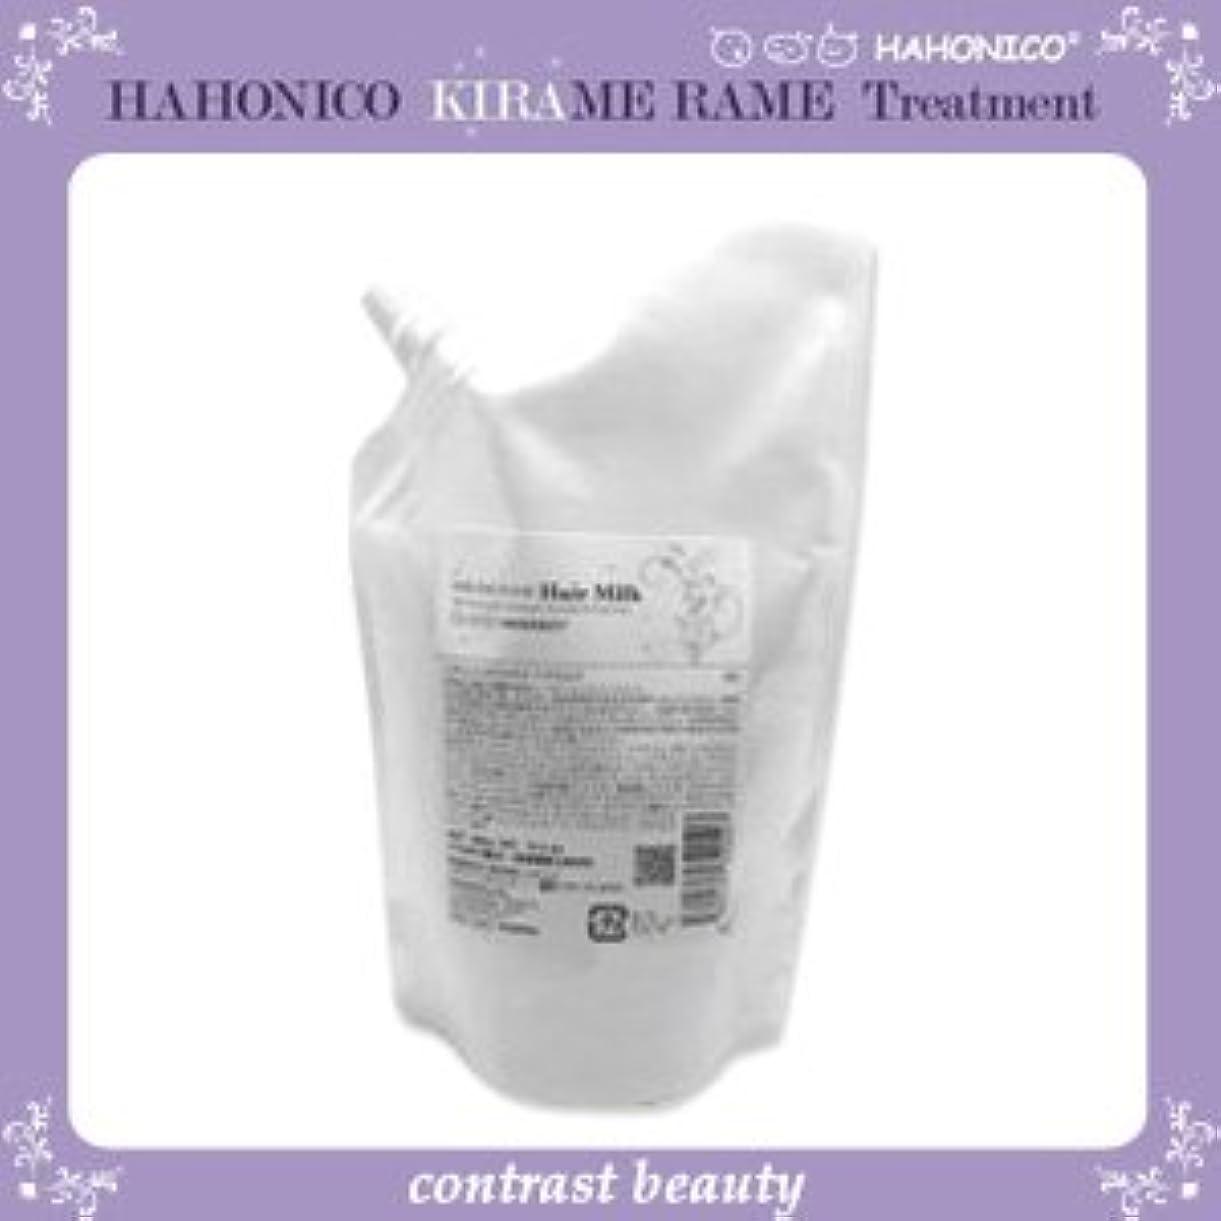 ふつうホーム追跡【X5個セット】 ハホニコ キラメラメ ヘアミルク 300g KIRAME RAME HAHONICO